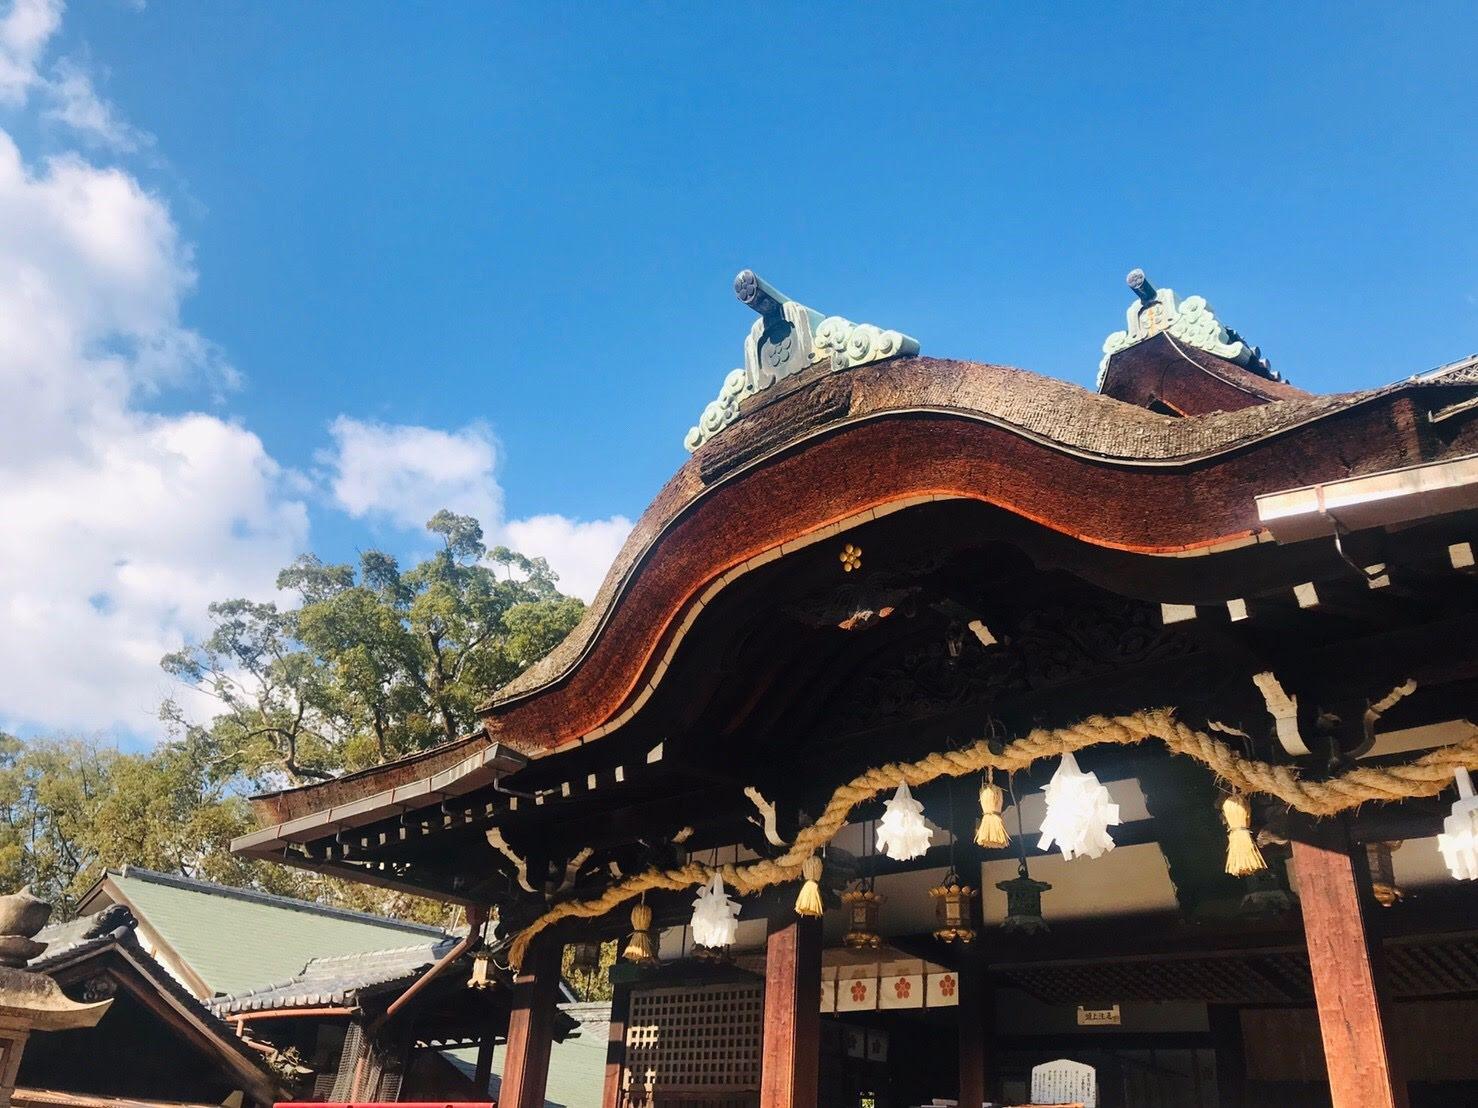 まちなか観光ワークショップのゴール地点ともなった道明寺天満宮